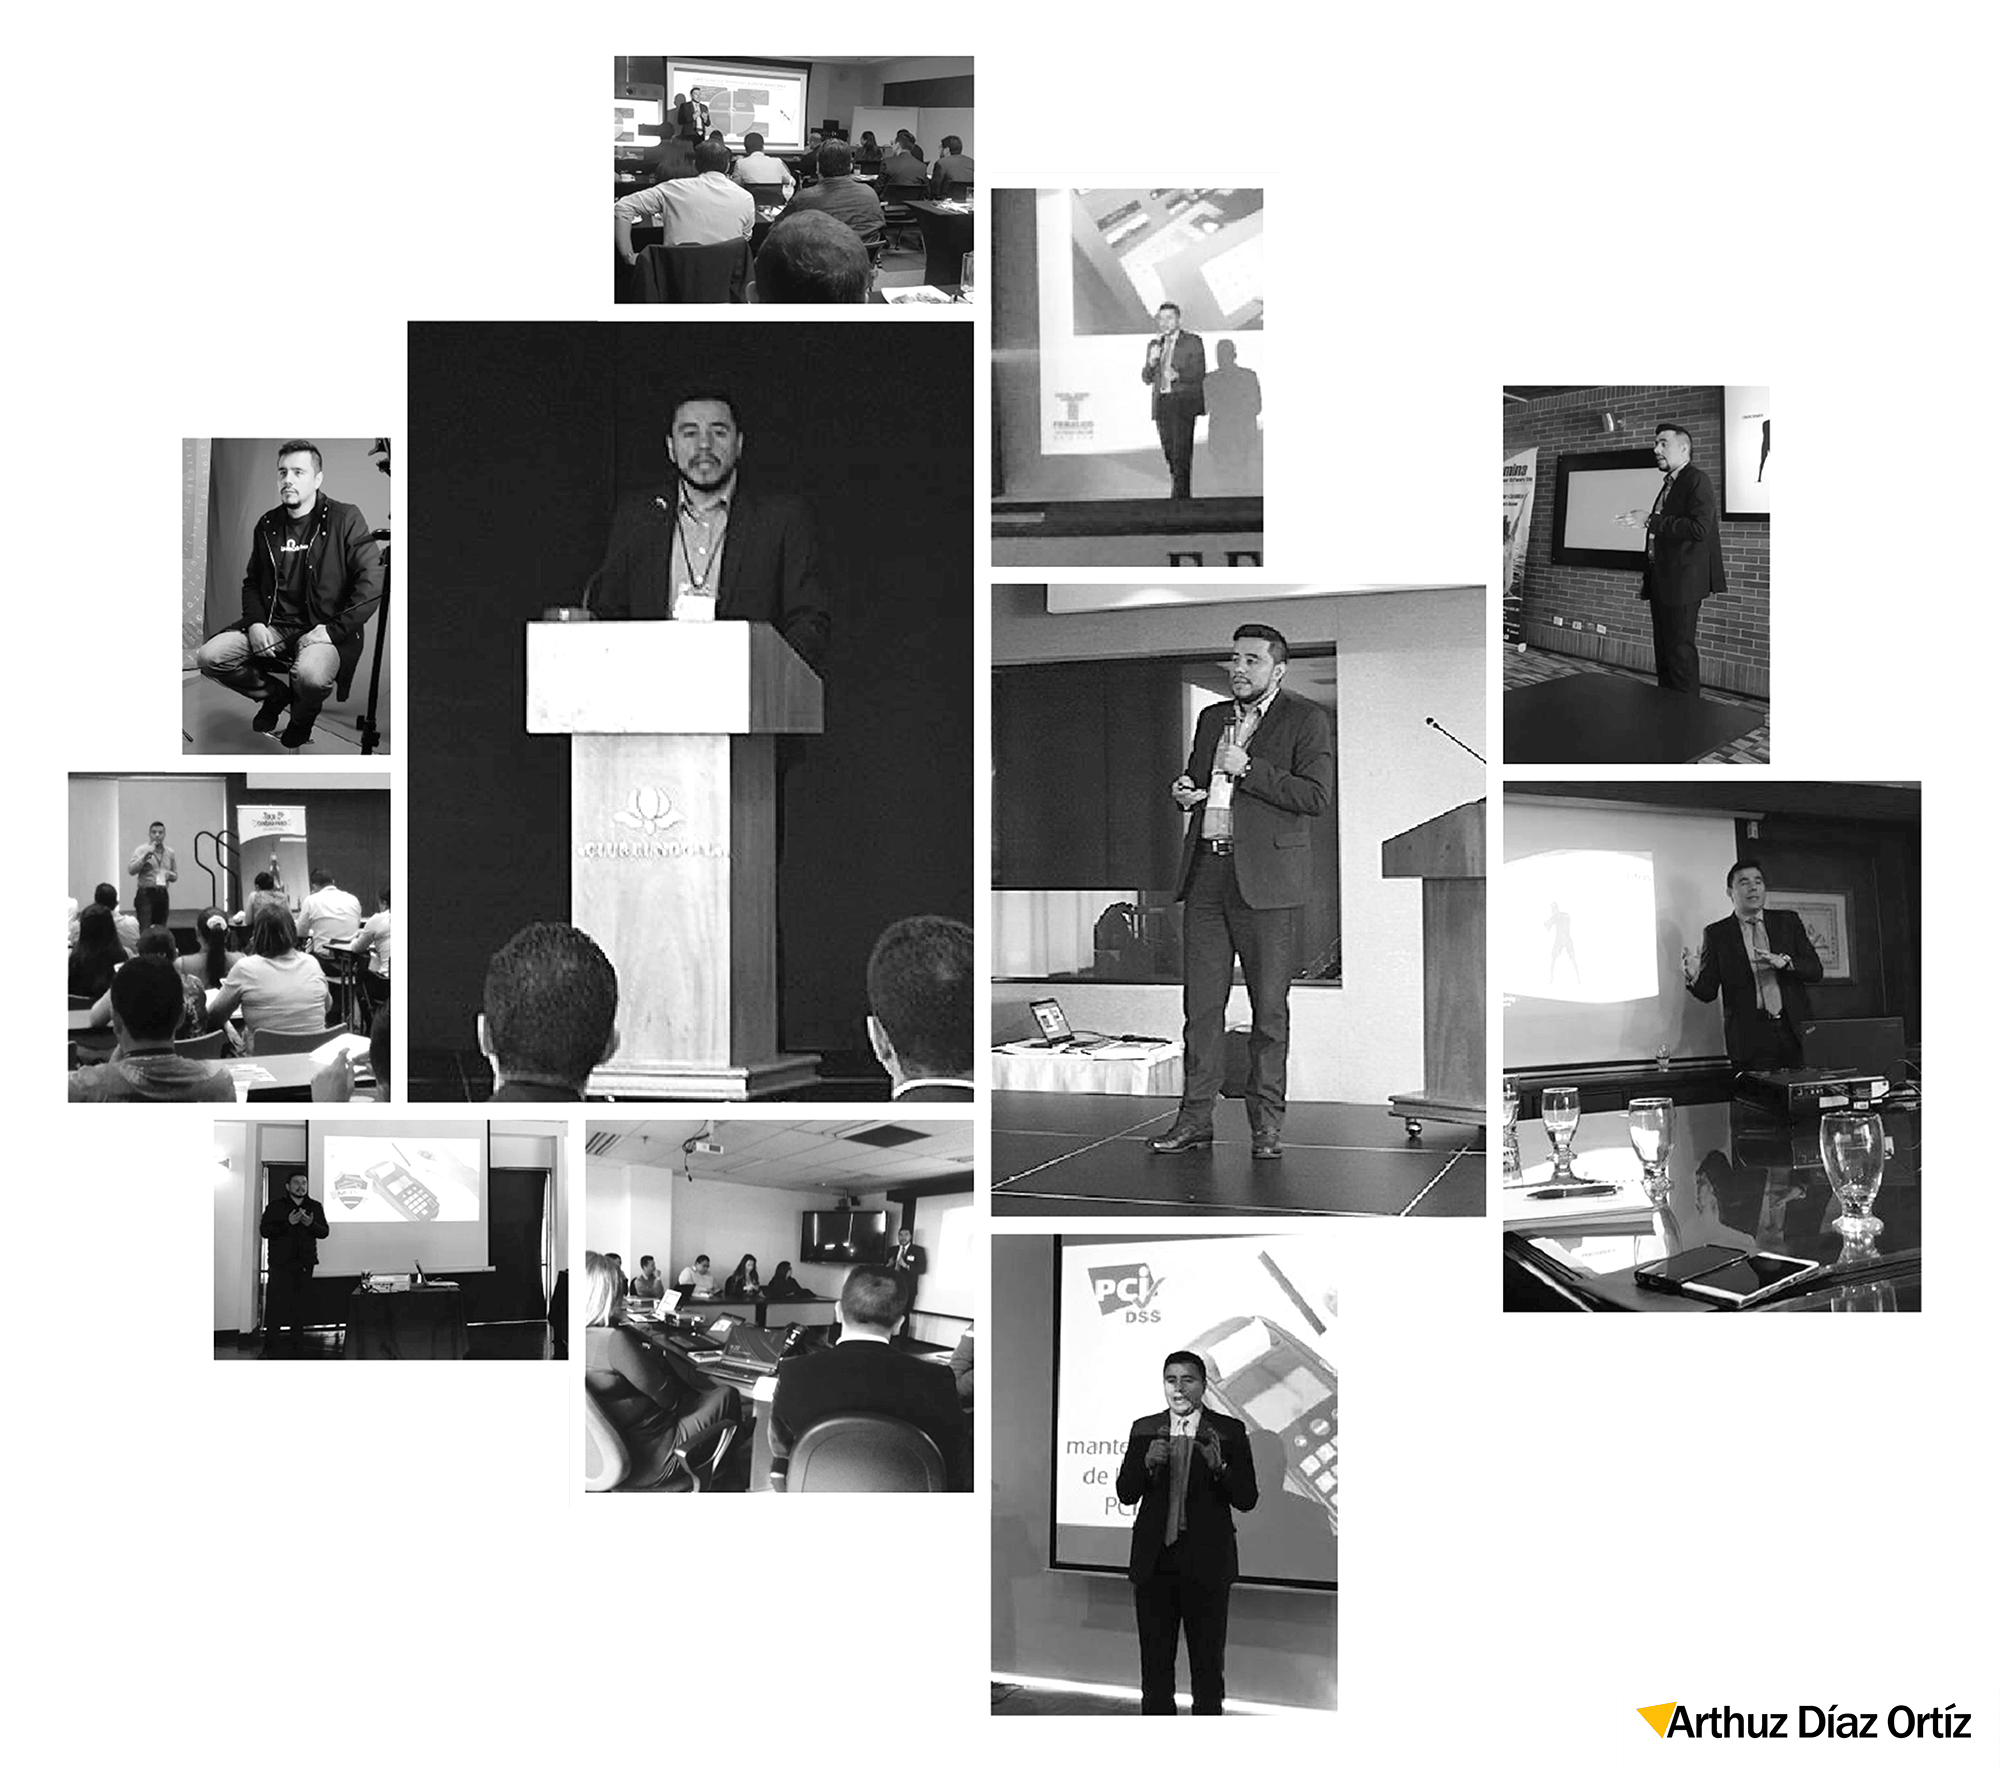 Conferencias y Capacitaciones Arthuz Díaz